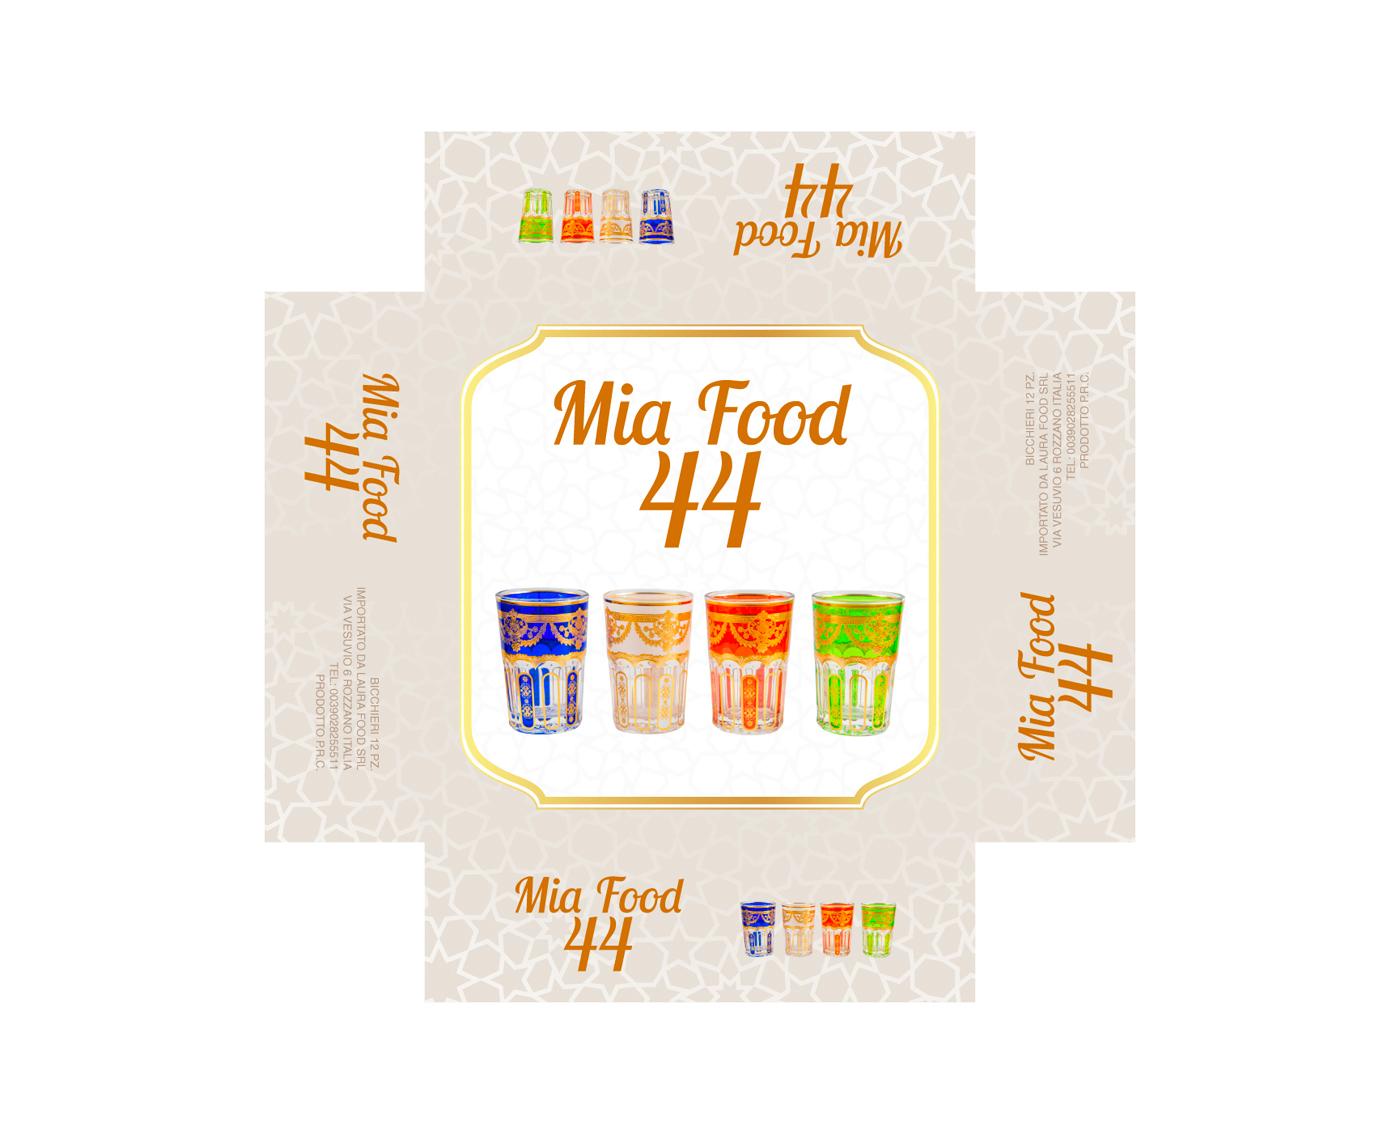 Miafood44